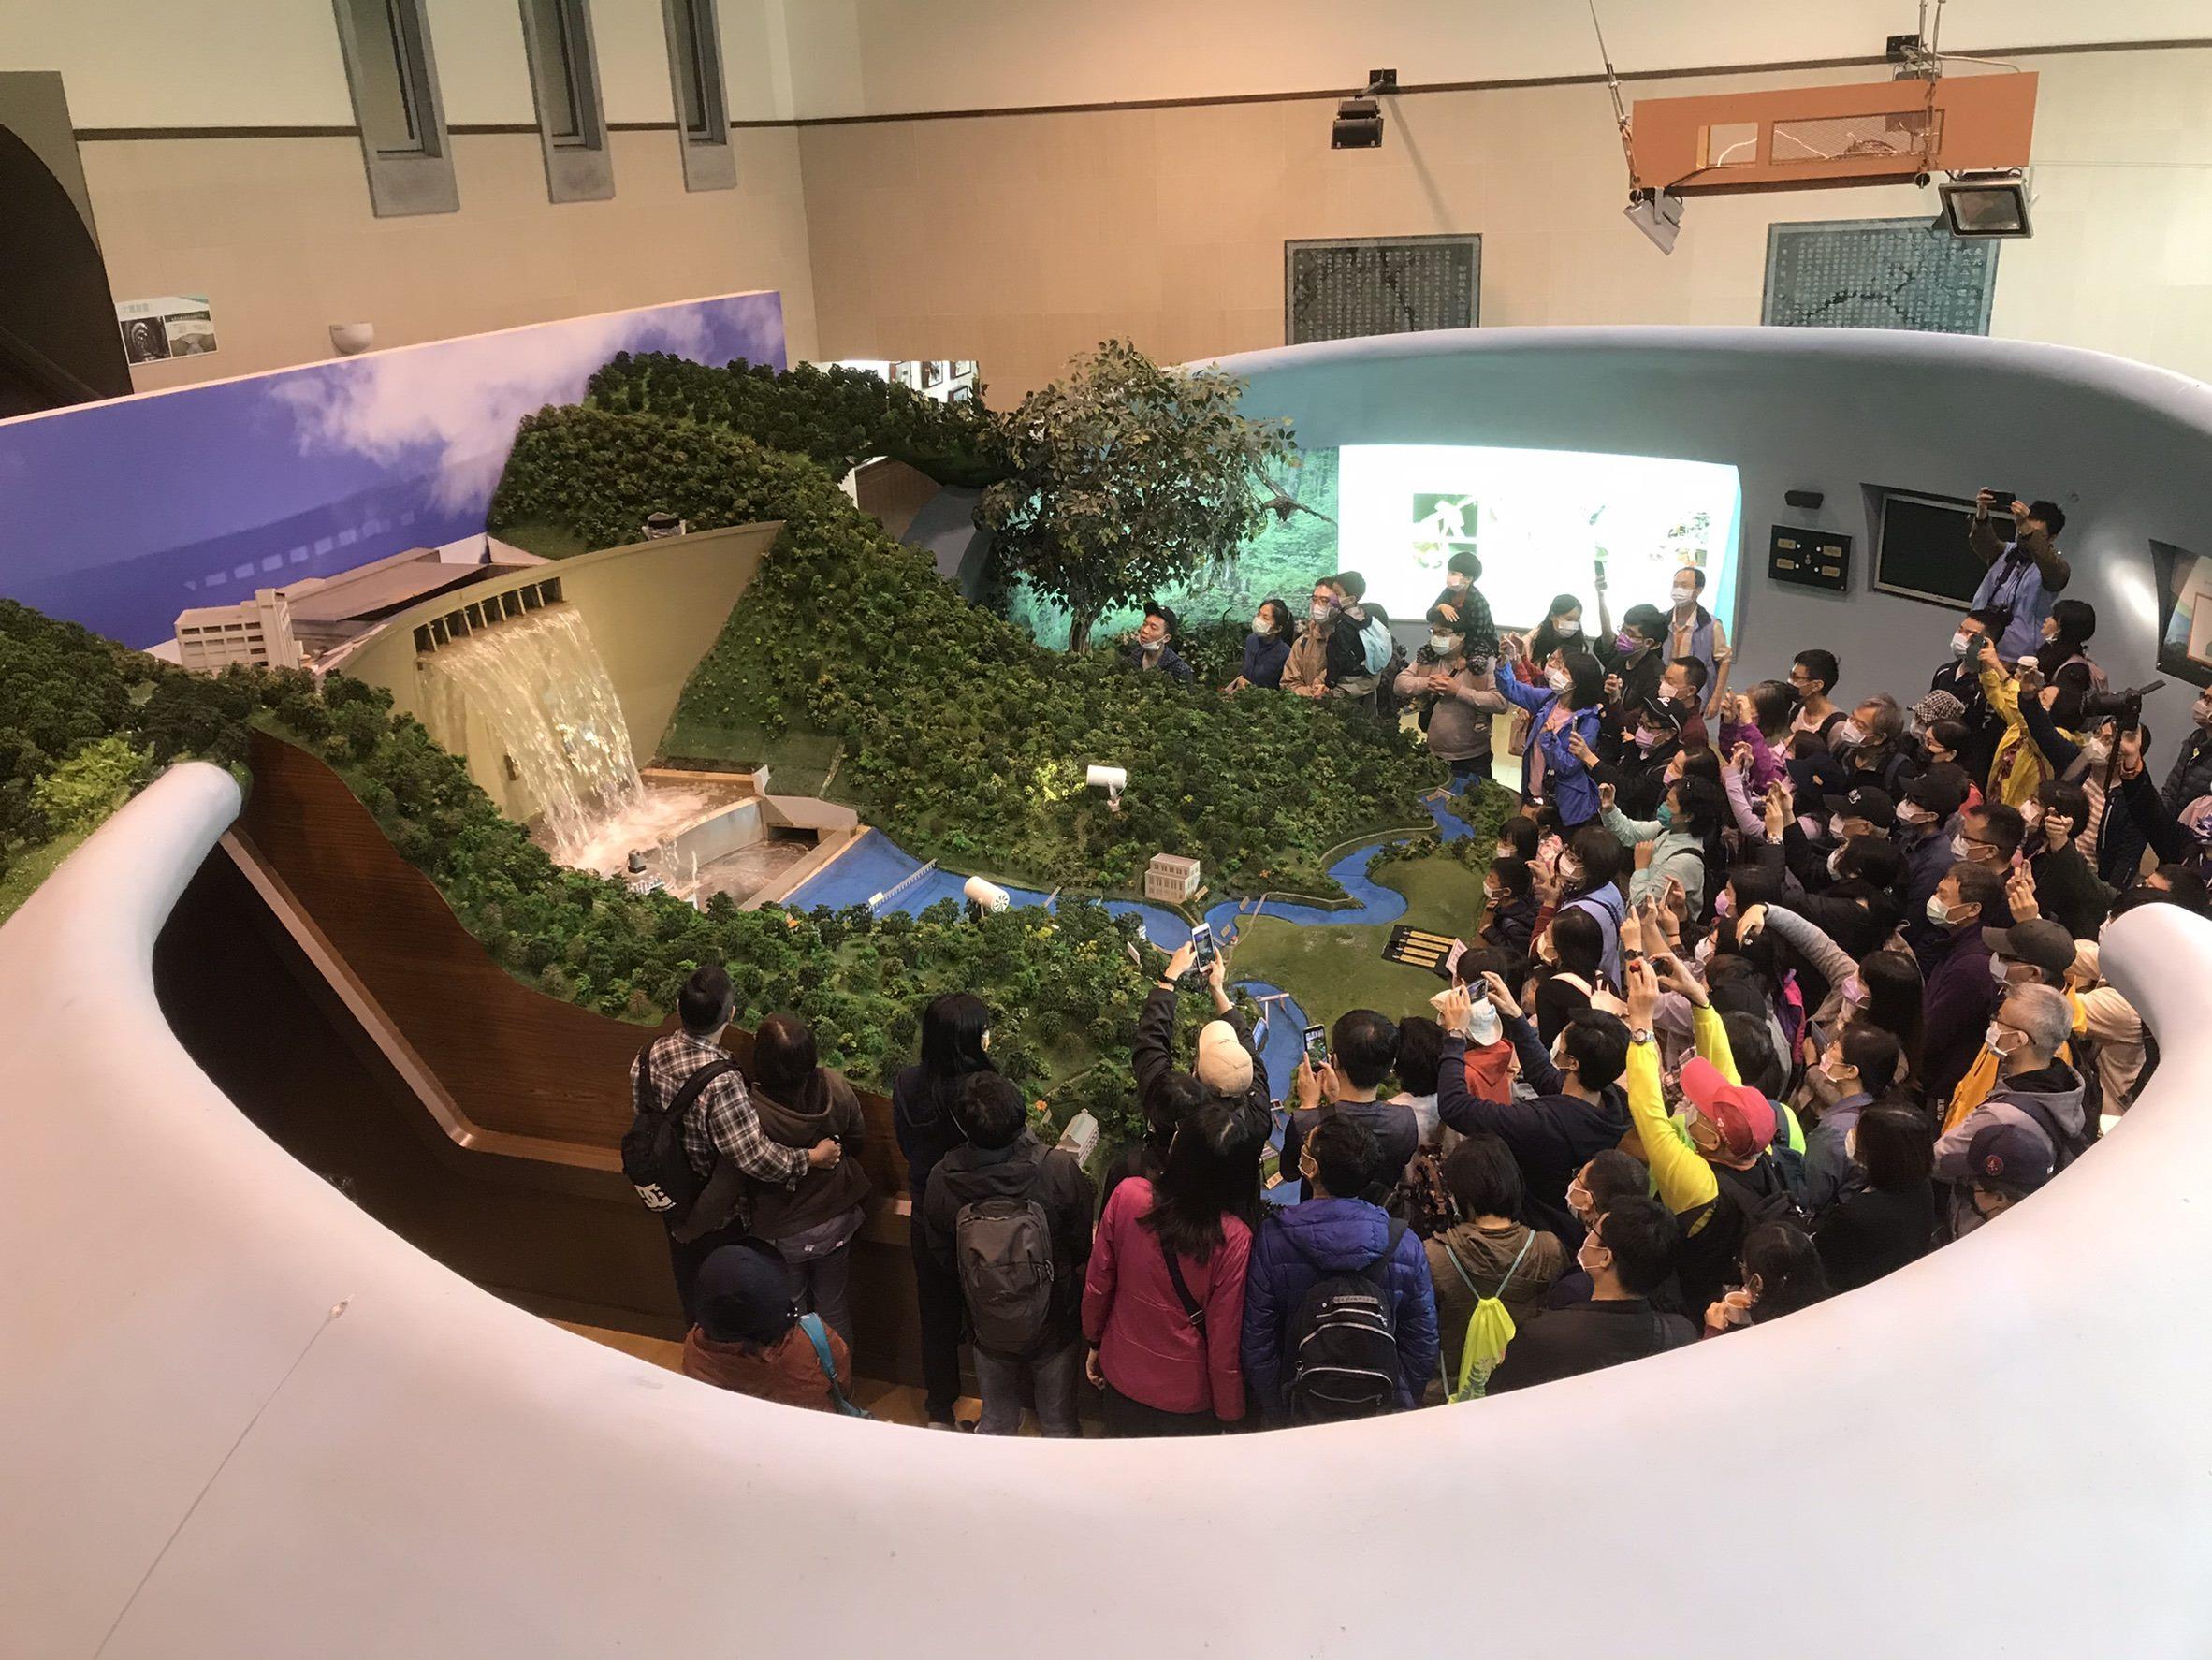 圖片說明:民眾體驗全國第一個可以放水的大壩模型